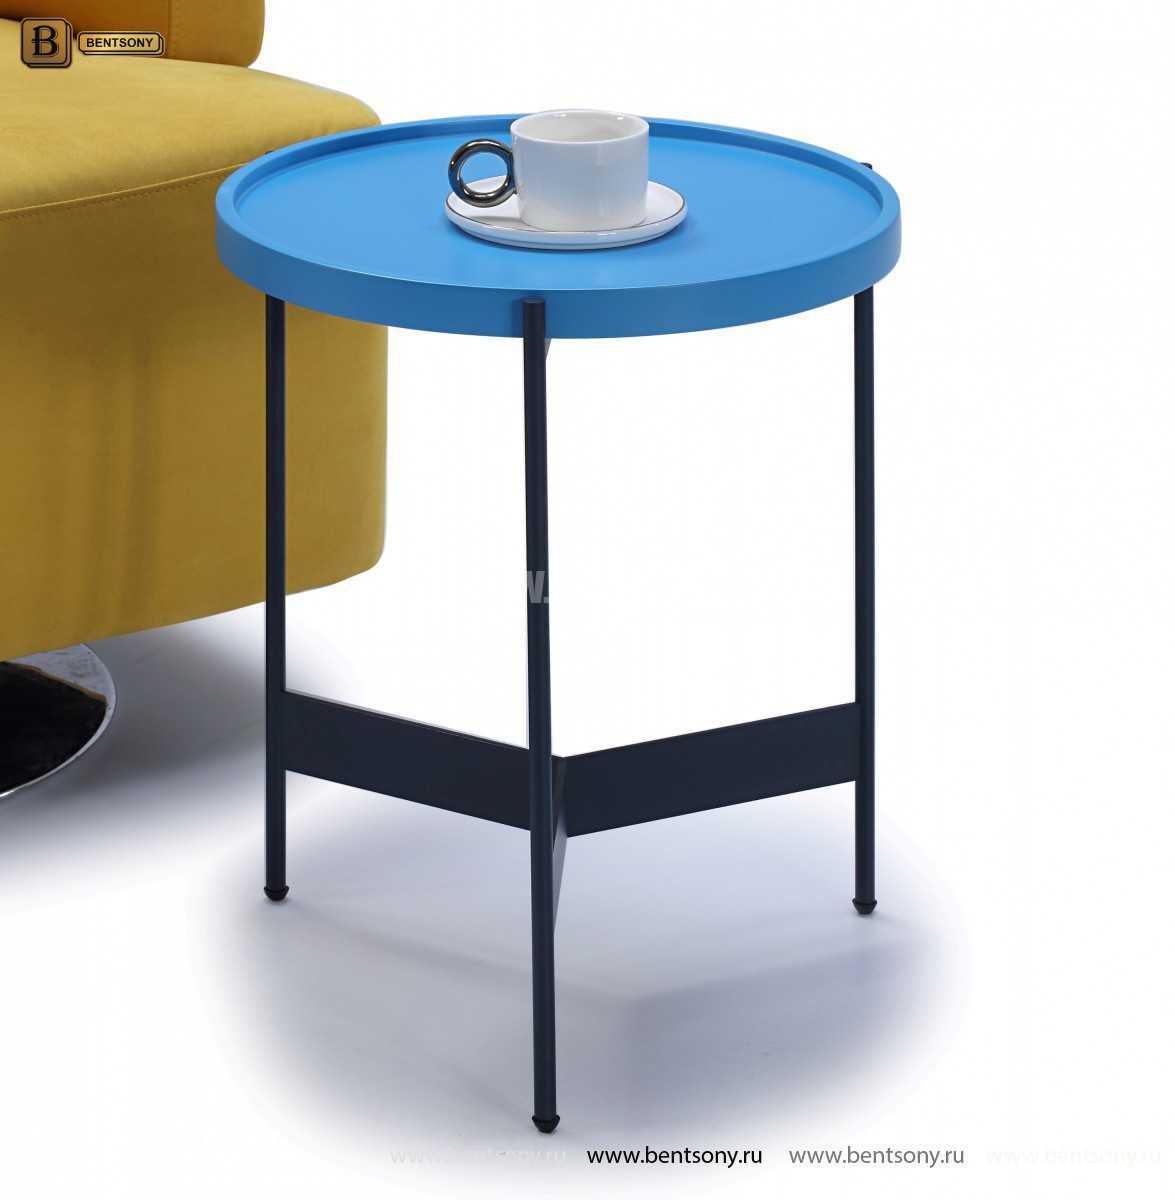 Стол Приставной (Круглый, Цветная столешница) для квартиры